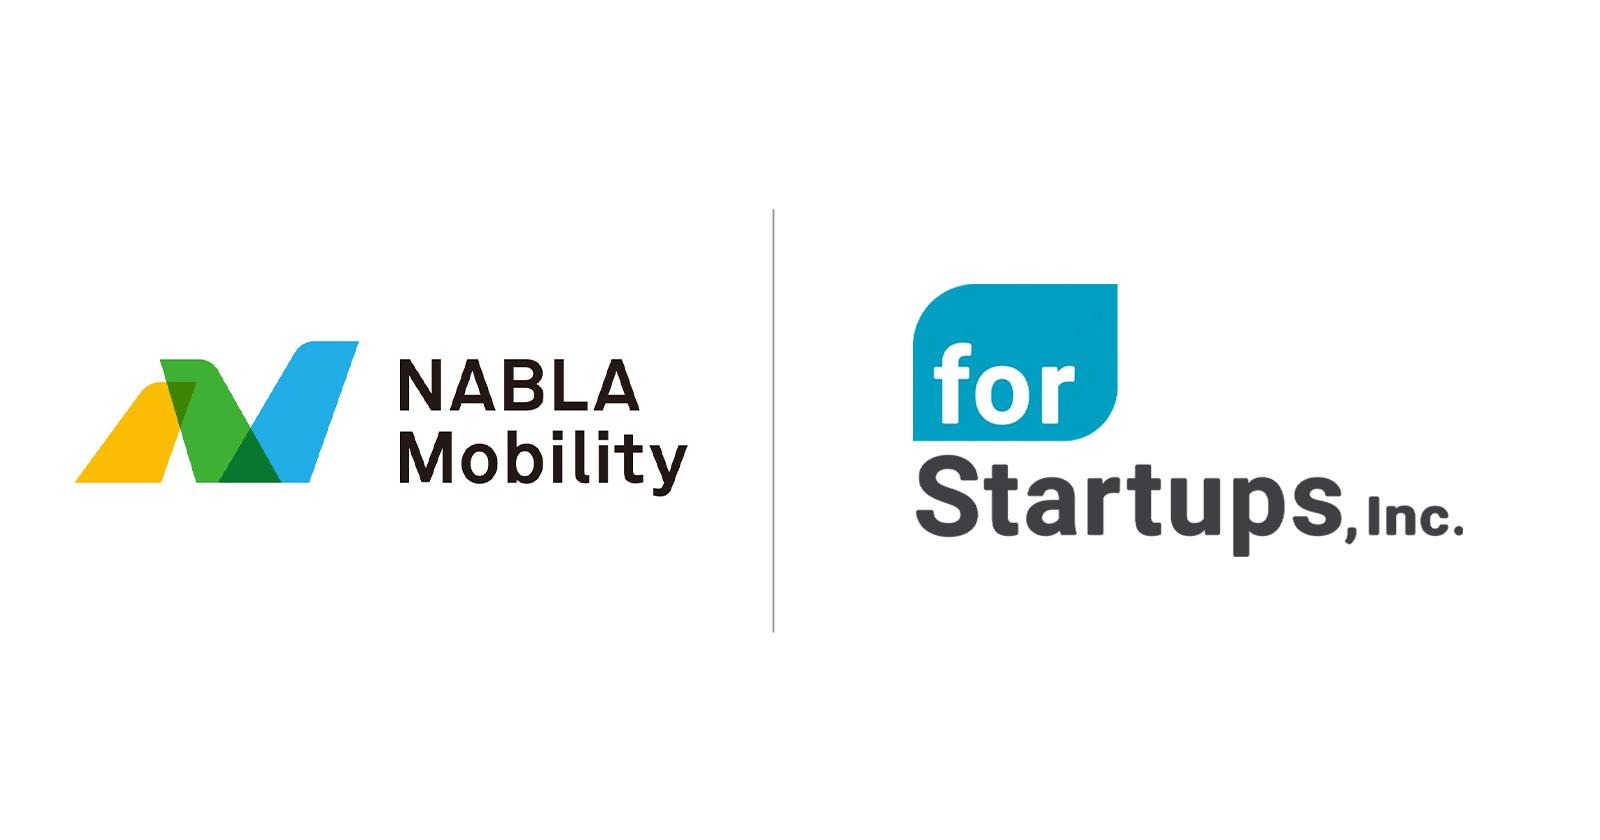 フォースタートアップス、地球全体の脱炭素に貢献する「株式会社NABLA Mobility」起業支援